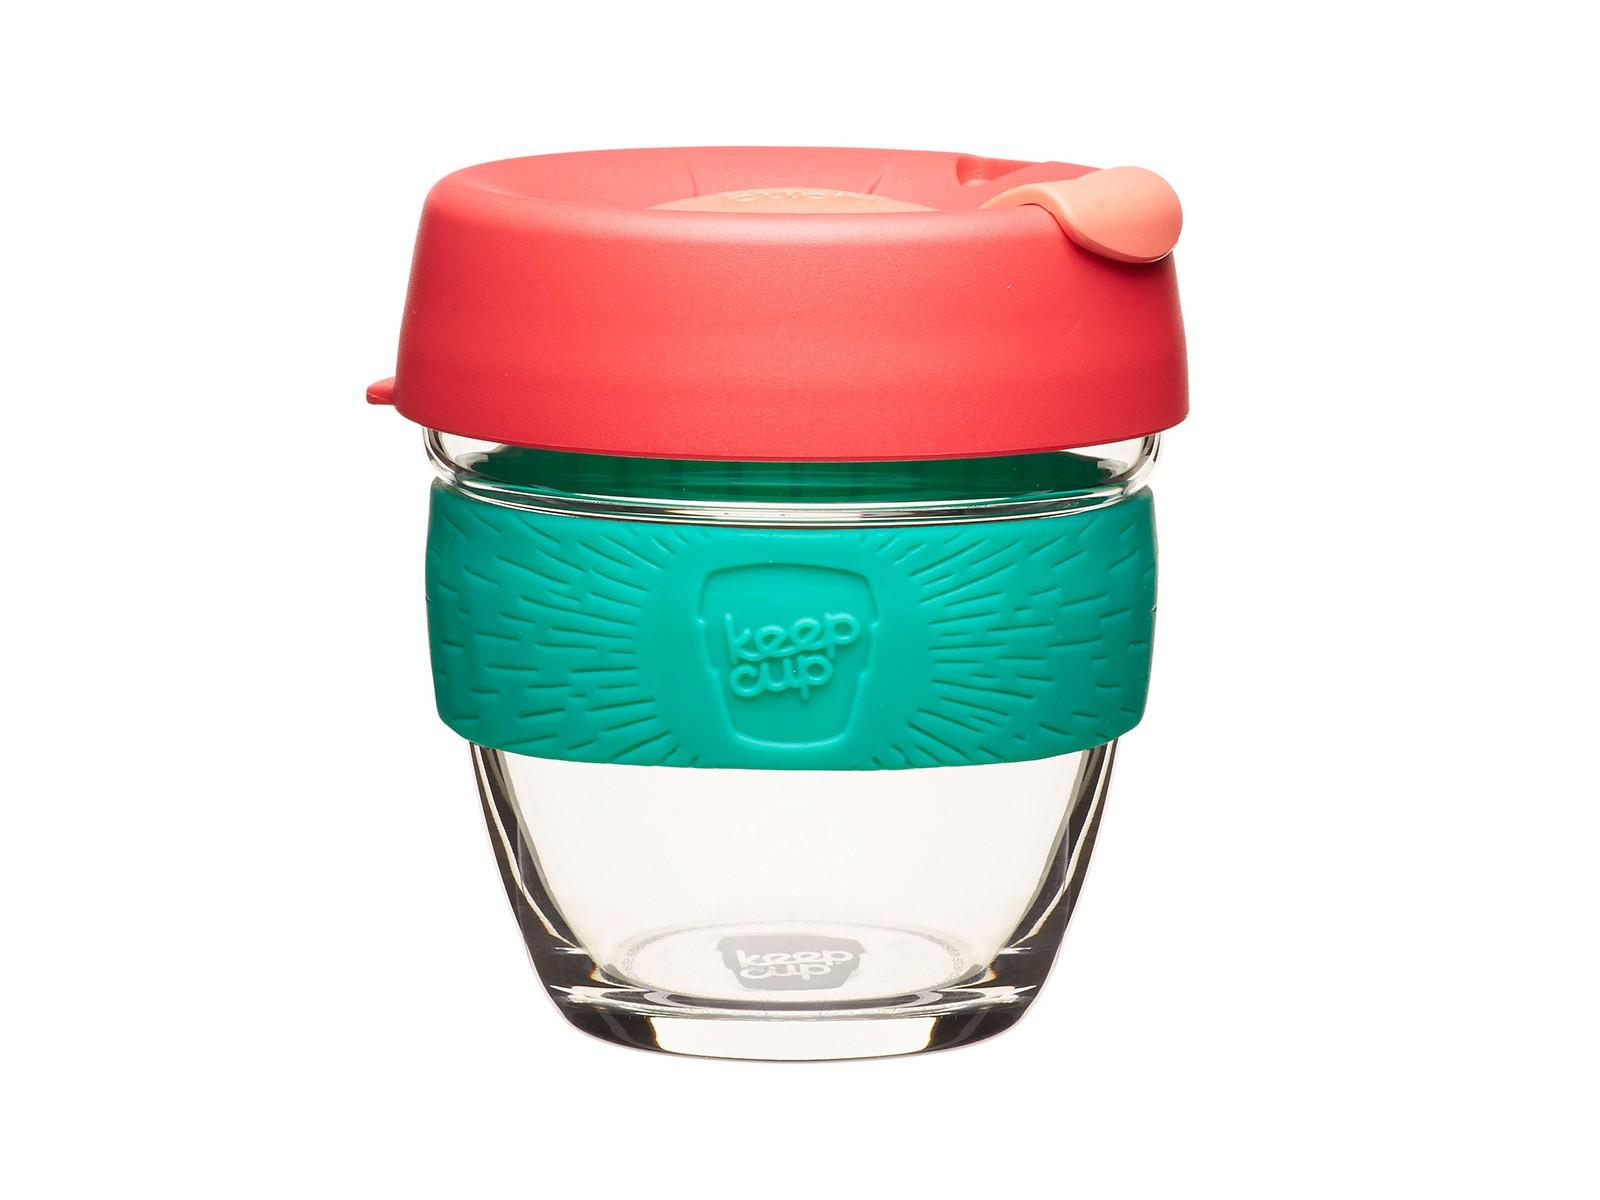 Кружка Keepcup figЧайные пары и чашки<br>Главная идея KeepCup – вдохновить любителей кофе отказаться от использования одноразовых бумажных и пластиковых стаканов, так как их производство и утилизация наносят вред окружающей среде. В год производится и выбрасывается около 500 миллиардов одноразовых стаканчиков, а ведь планета у нас всего одна! <br>Но главный плюс кружки  – привлекательный и яркий дизайн, который станет отражением вашего личного стиля. Берите её в кафе или наливайте кофе, чай, сок дома, чтобы взять с собой - пить вкусные напитки на ходу, на работе или на пикнике. Специальная крышка с открывающимся и закрывающимся клапаном спасет от брызг, а силиконовый ободок поможет не обжечься (плюс, удобно держать кружку в руках.<br>Крышка сделана из нетоксичного пластика без содержания вредного бисфенола (BPA-free). Корпус - из закаленного стекла, устойчивого к термическому и механическому воздействию. Разработана и произведена в Австралии.&amp;lt;div&amp;gt;&amp;lt;br&amp;gt;&amp;lt;/div&amp;gt;&amp;lt;div&amp;gt;Объем: 227 мл.&amp;lt;br&amp;gt;&amp;lt;/div&amp;gt;<br><br>Material: Стекло<br>Height см: 10<br>Diameter см: 8